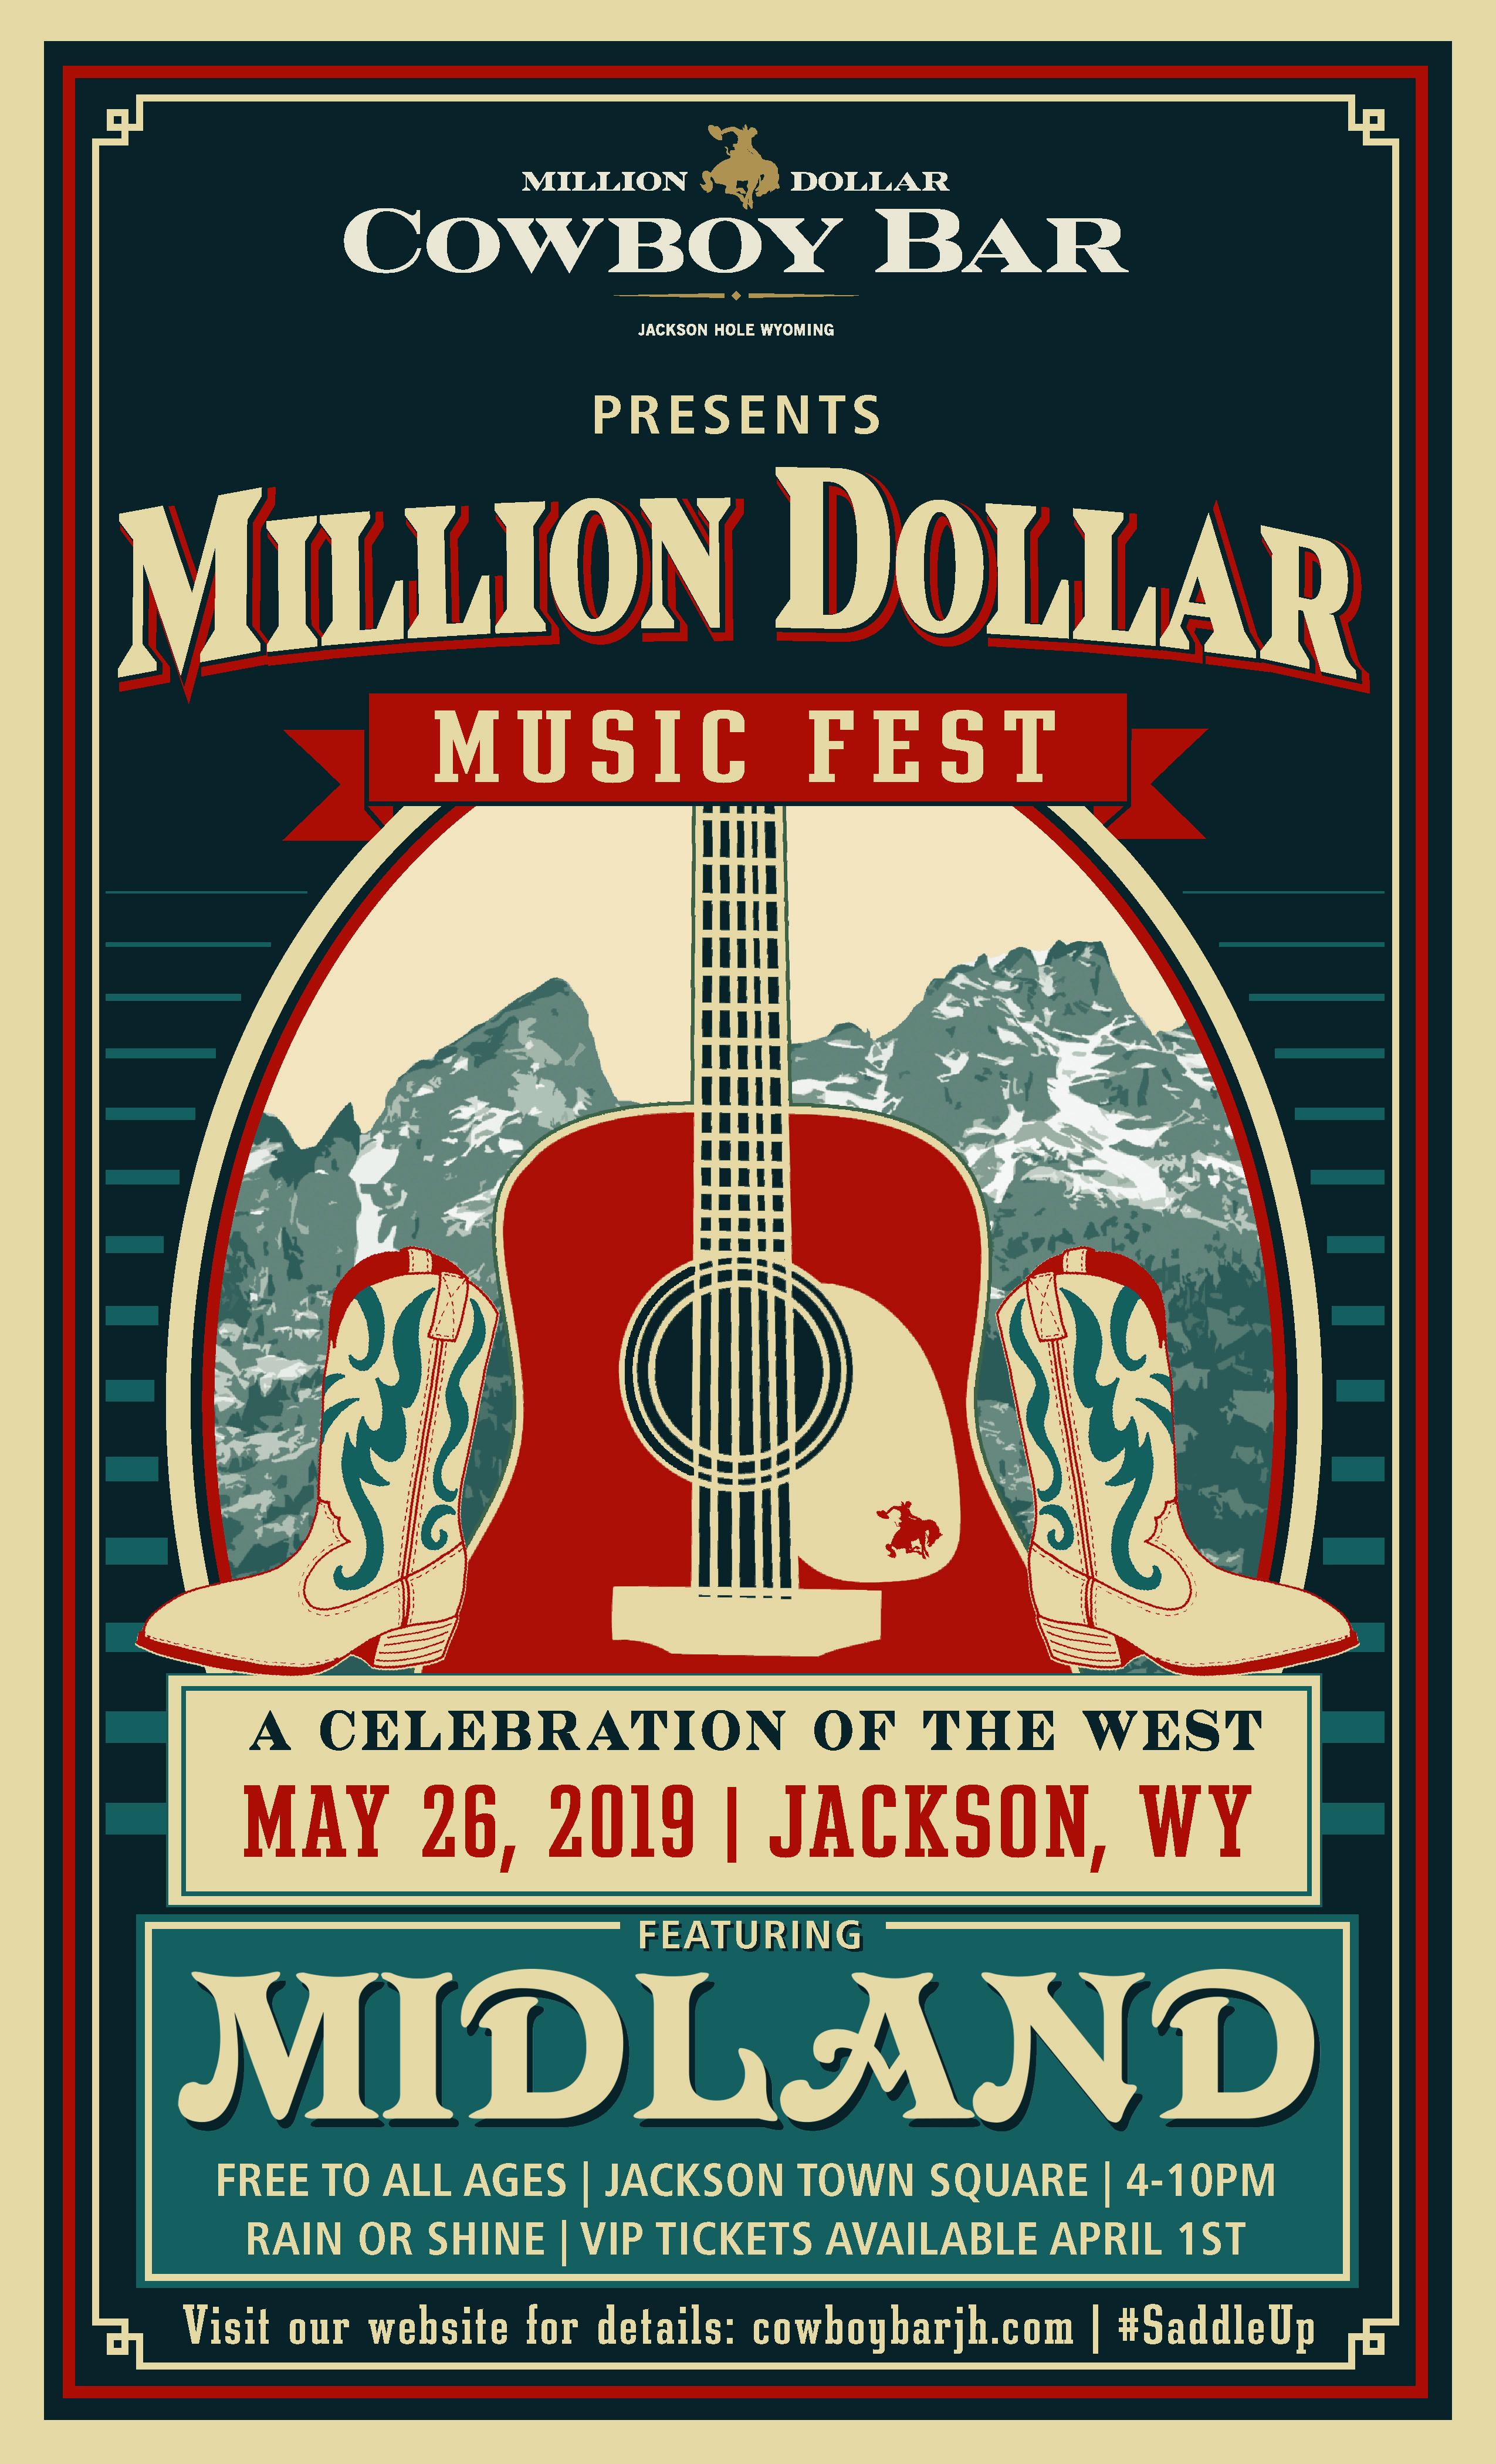 Million Dollar Music Fest Poster